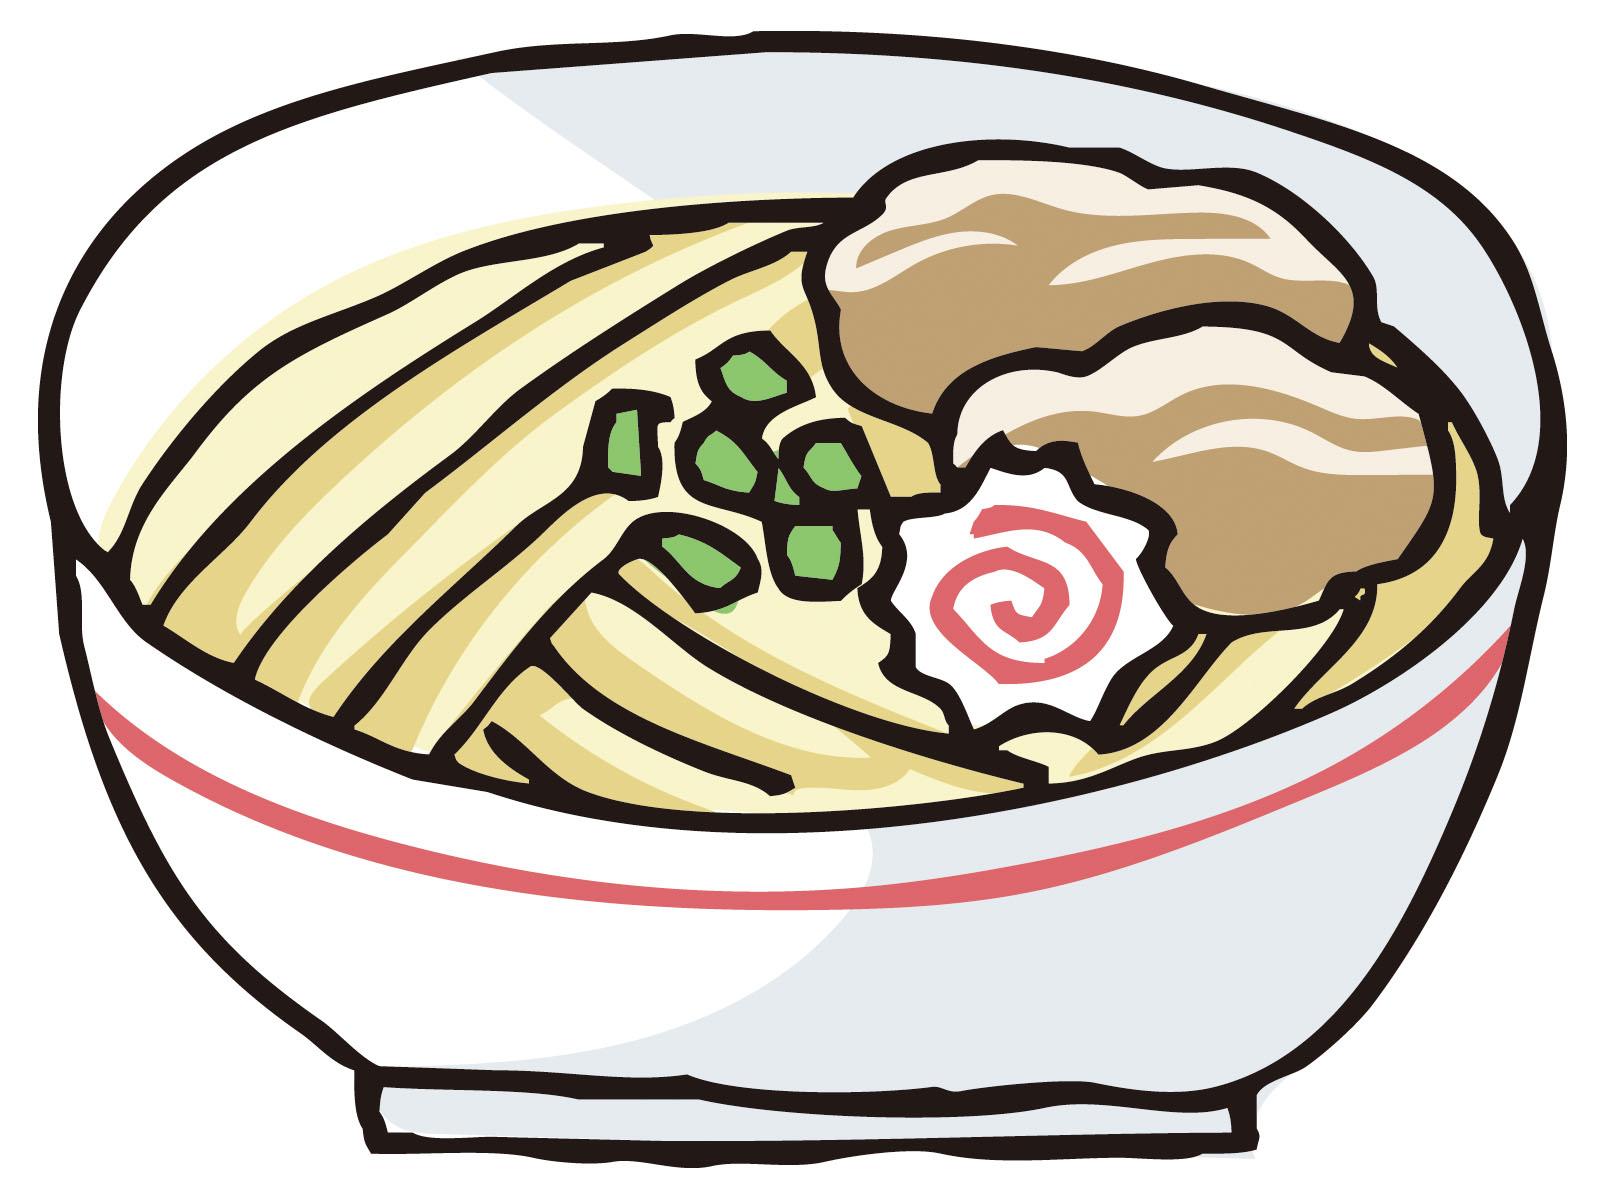 小中学校の給食のラーメンwww